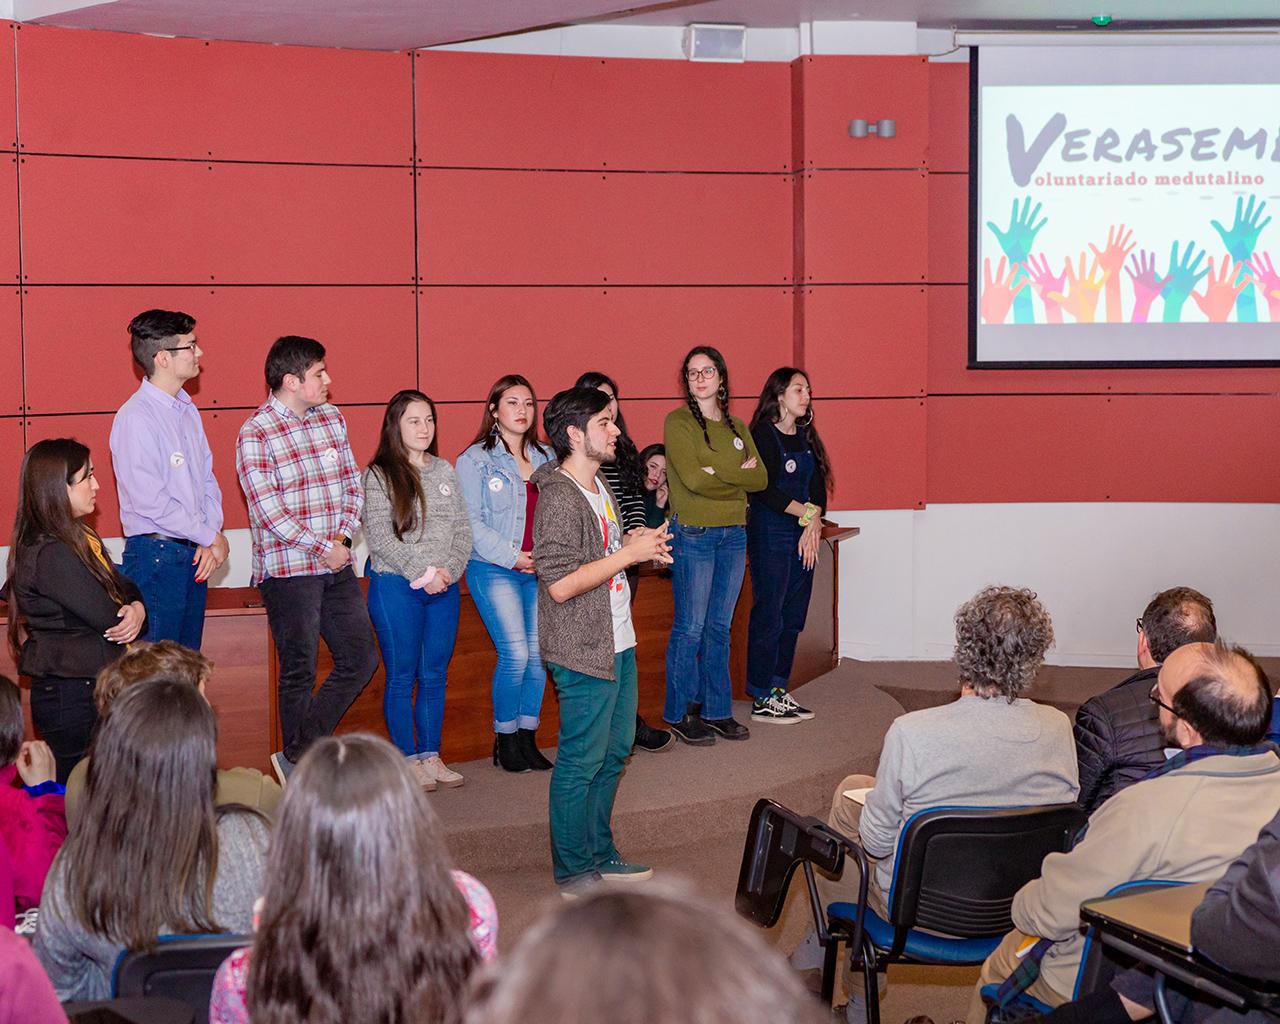 Estudiantes de medicina crean voluntariado con llamado a la acción social